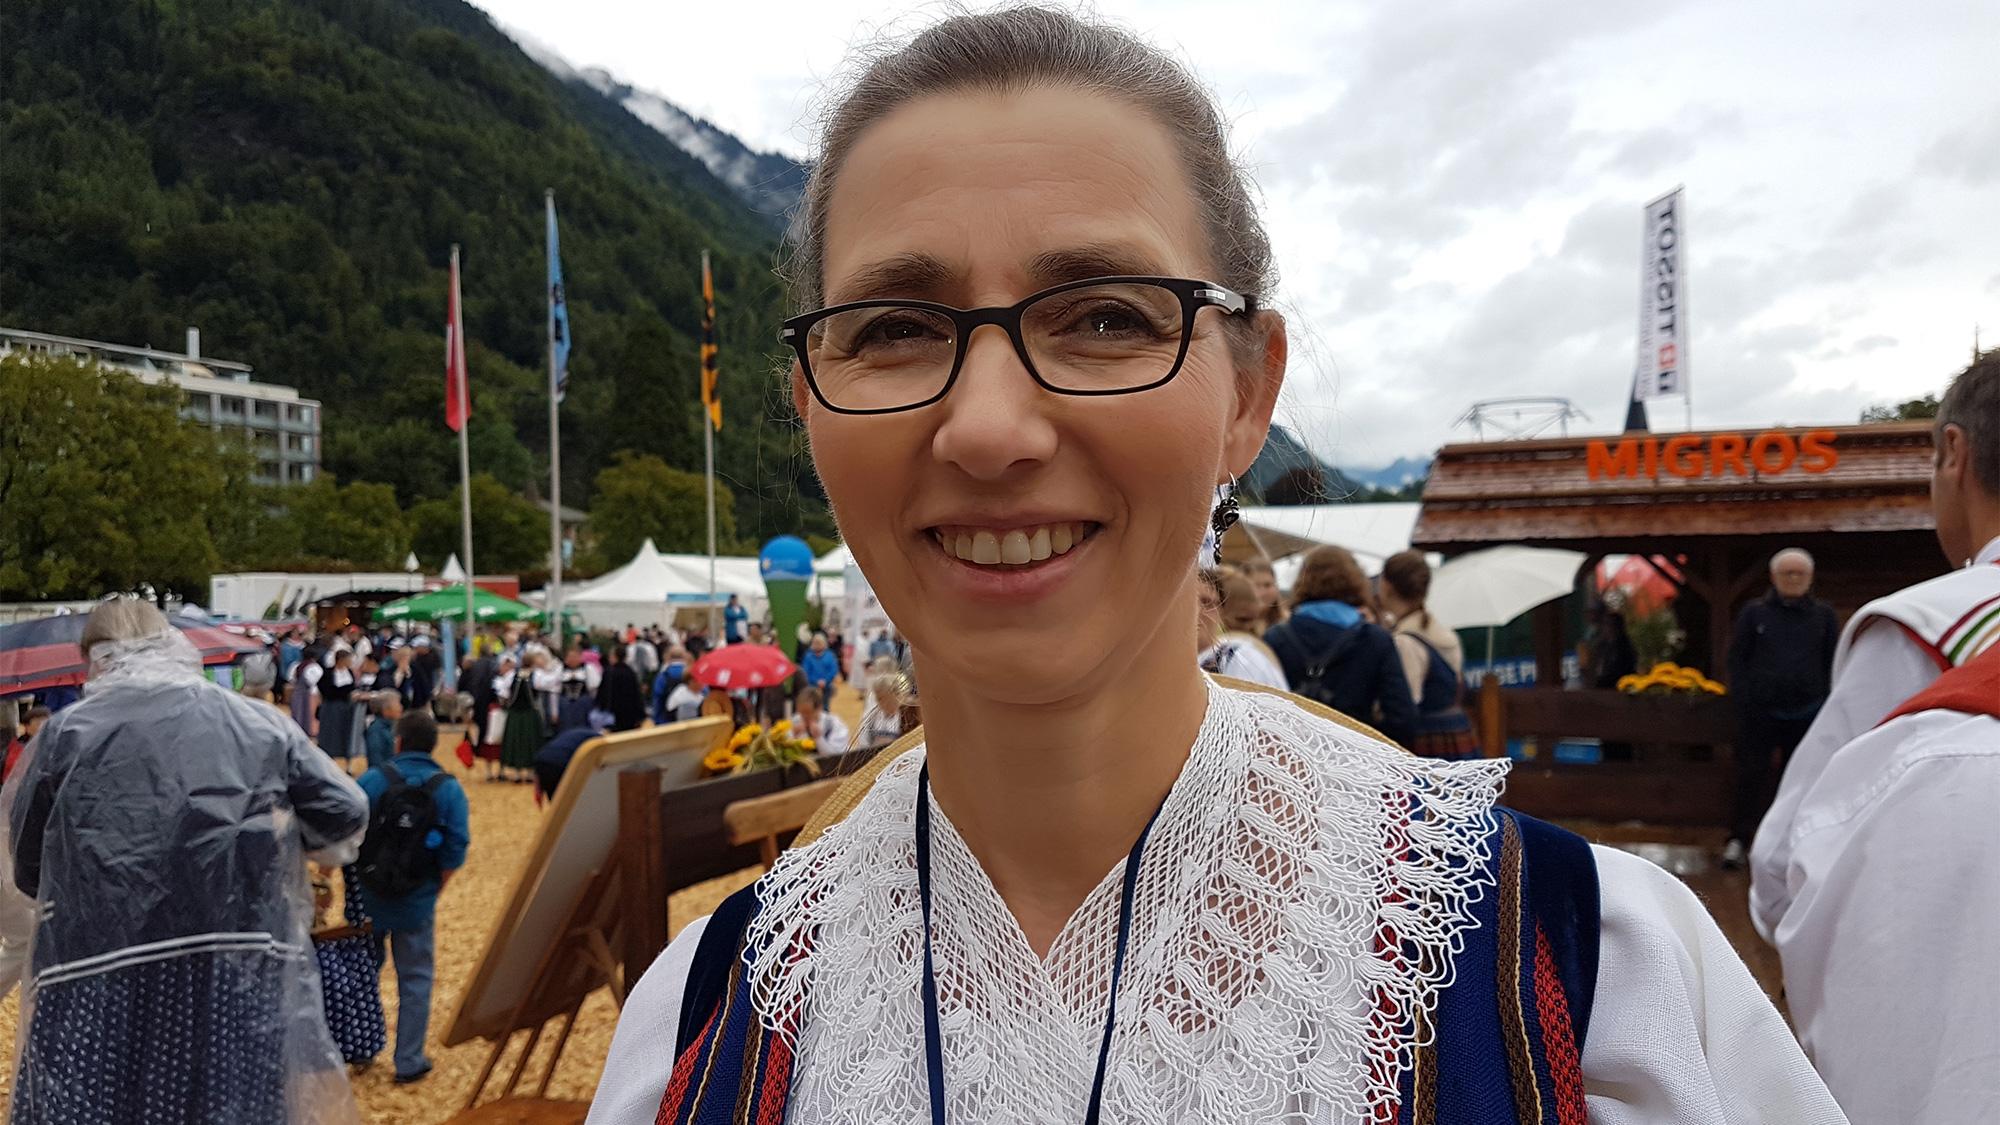 Maria Kaufmann und ihre Luzerner Sonntagstracht